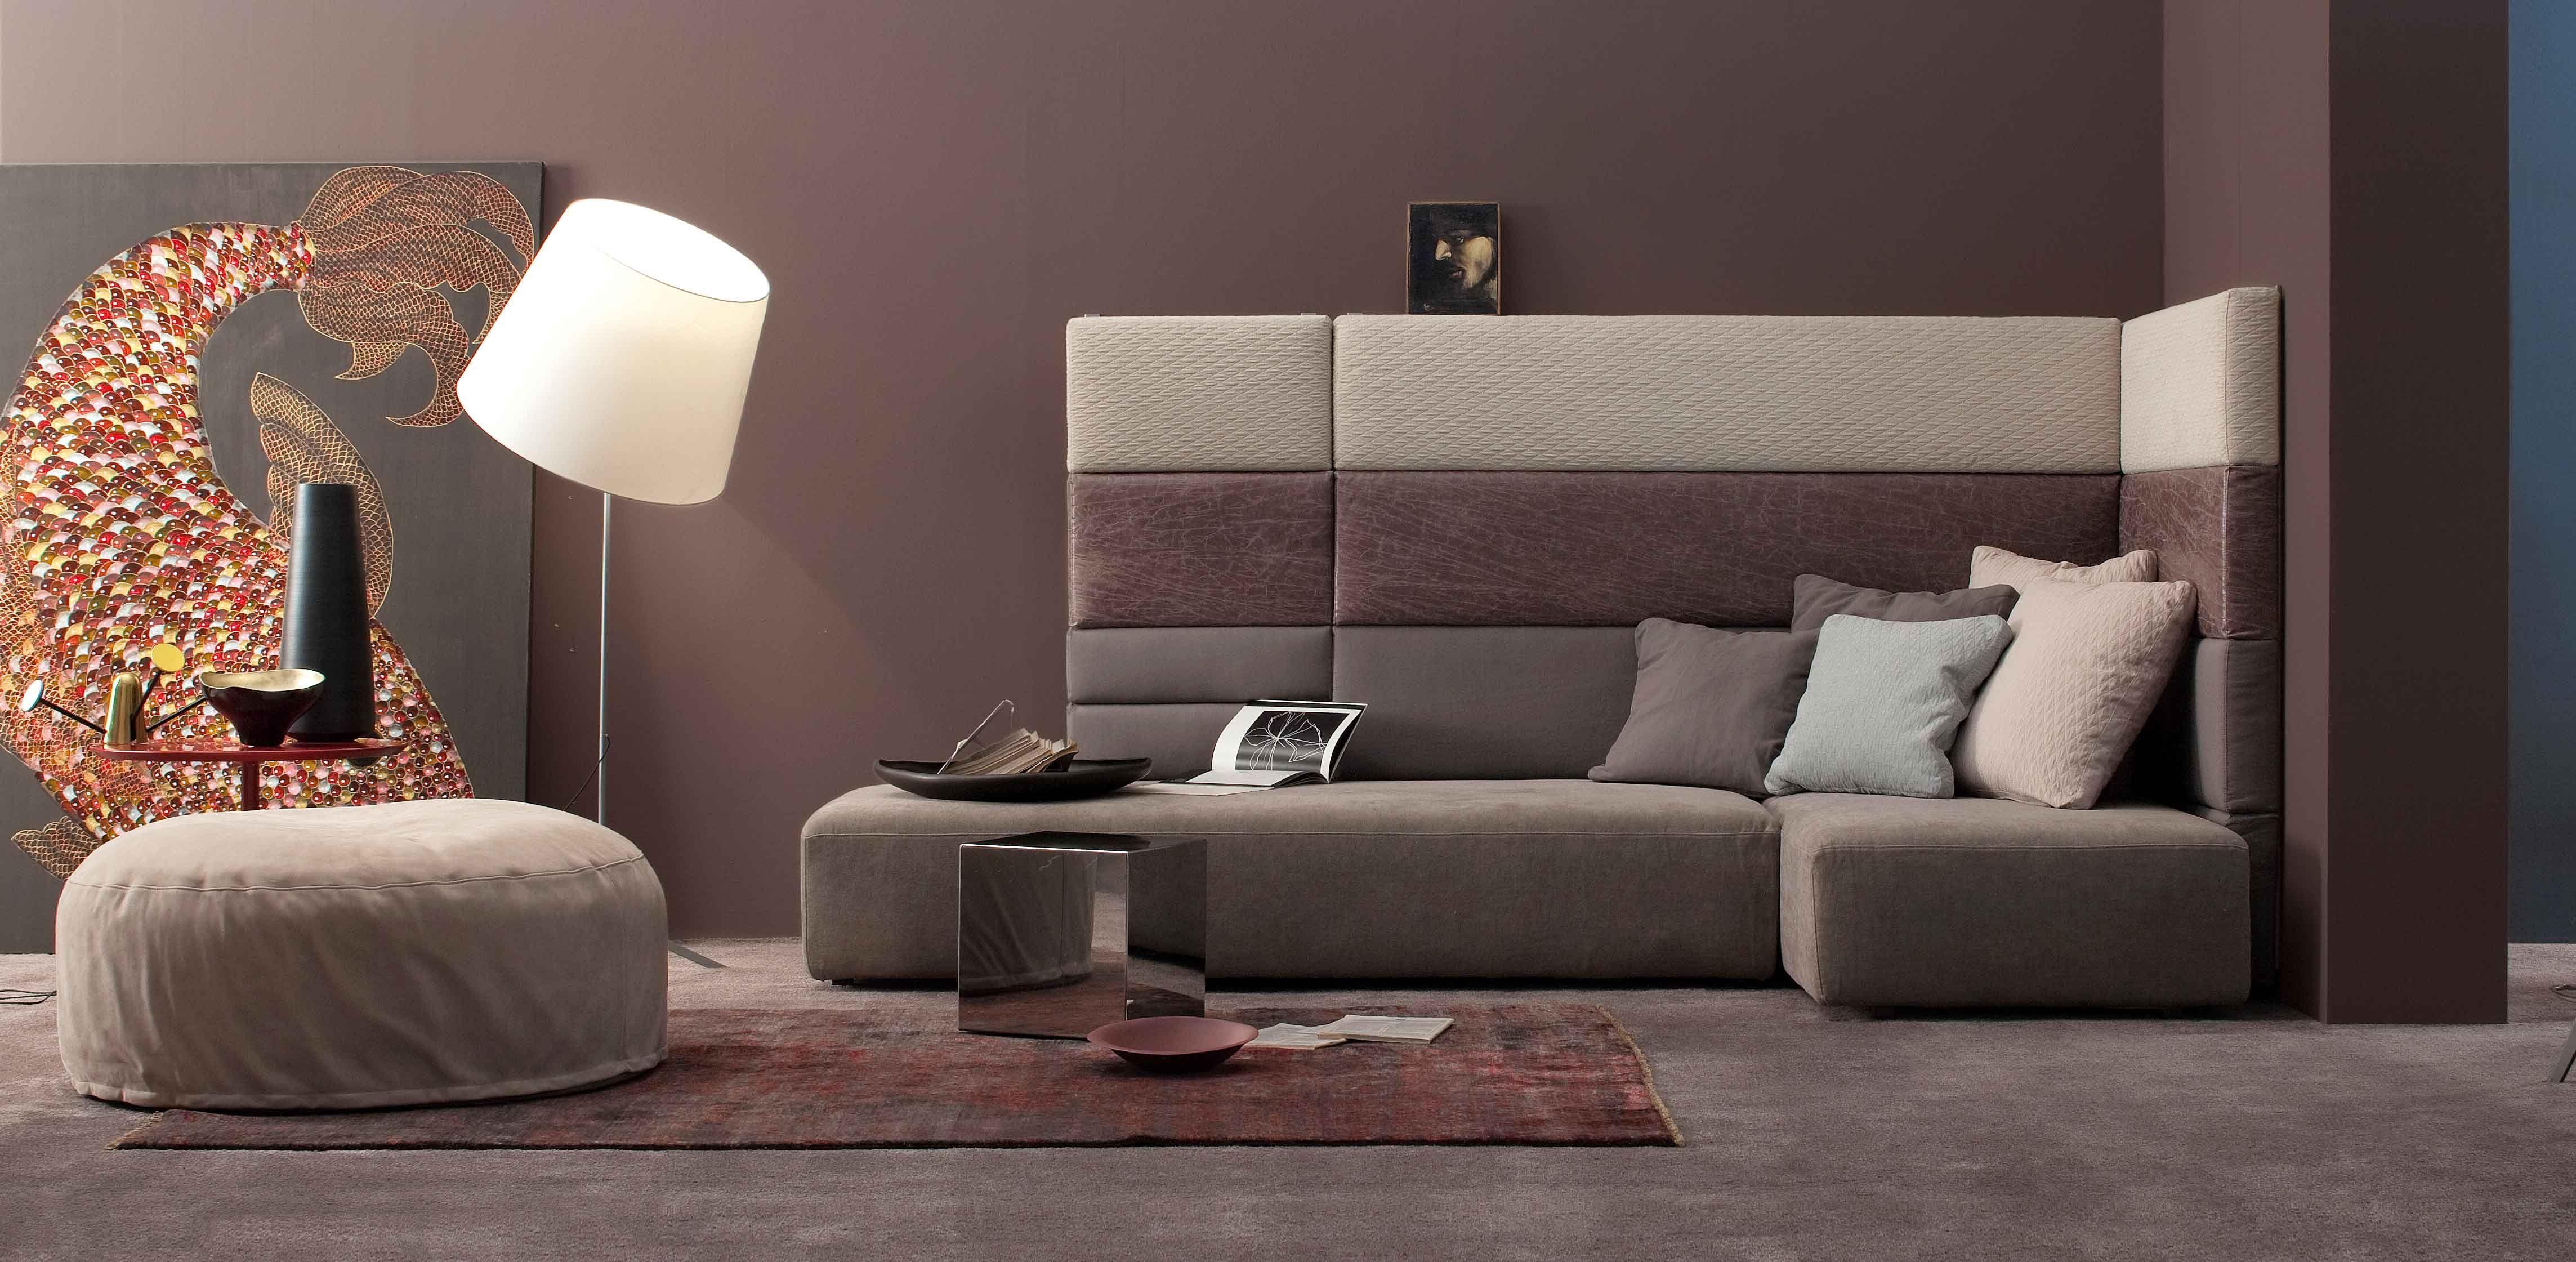 divano salotto piccolo nicchia - Cerca con Google | Спальня ...